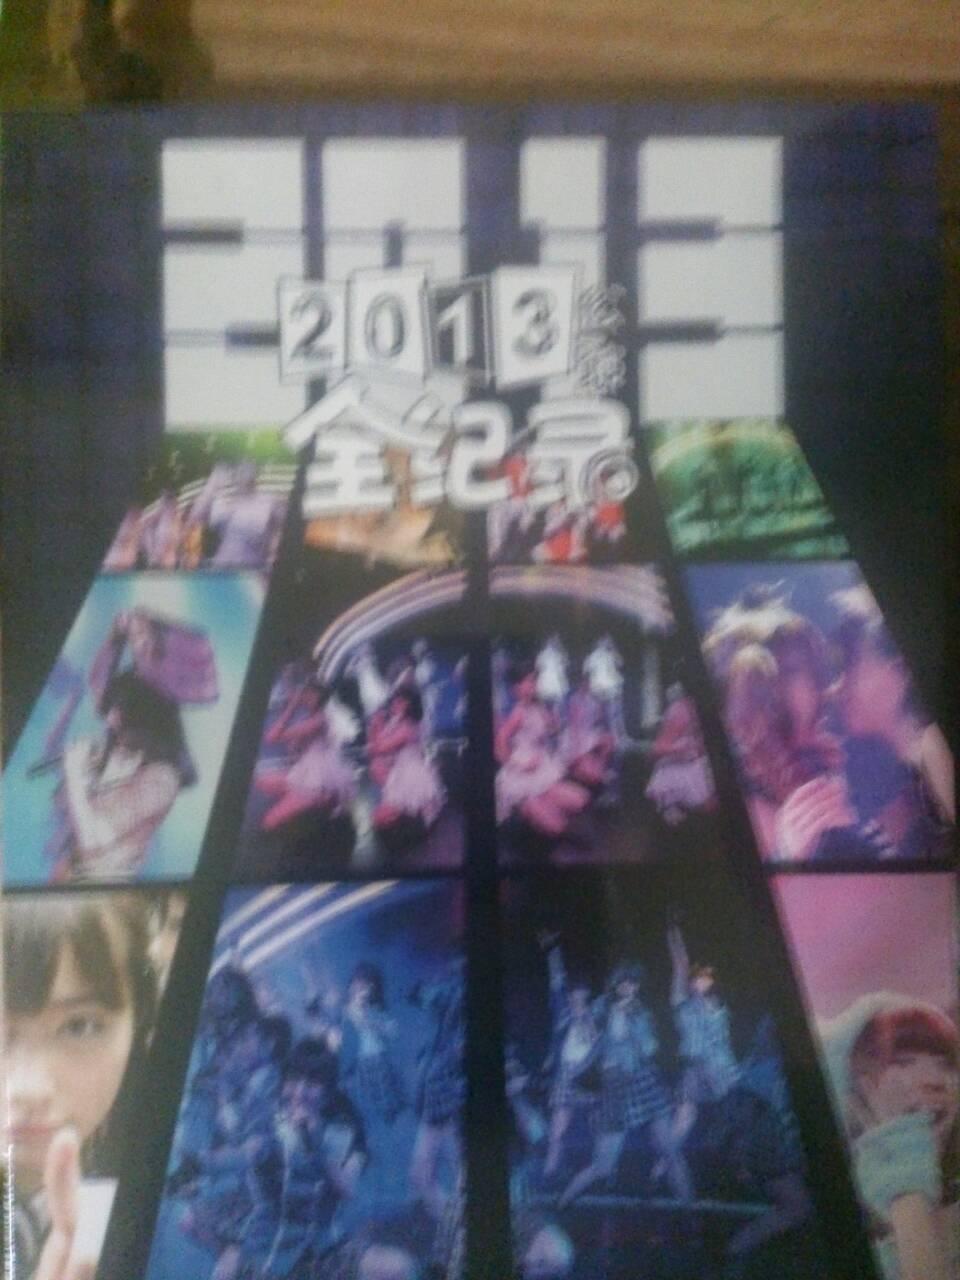 【SNH48】SNH48「2013公演全紀録」DVDを手に入れました!ヽ(*´∀`)ノ